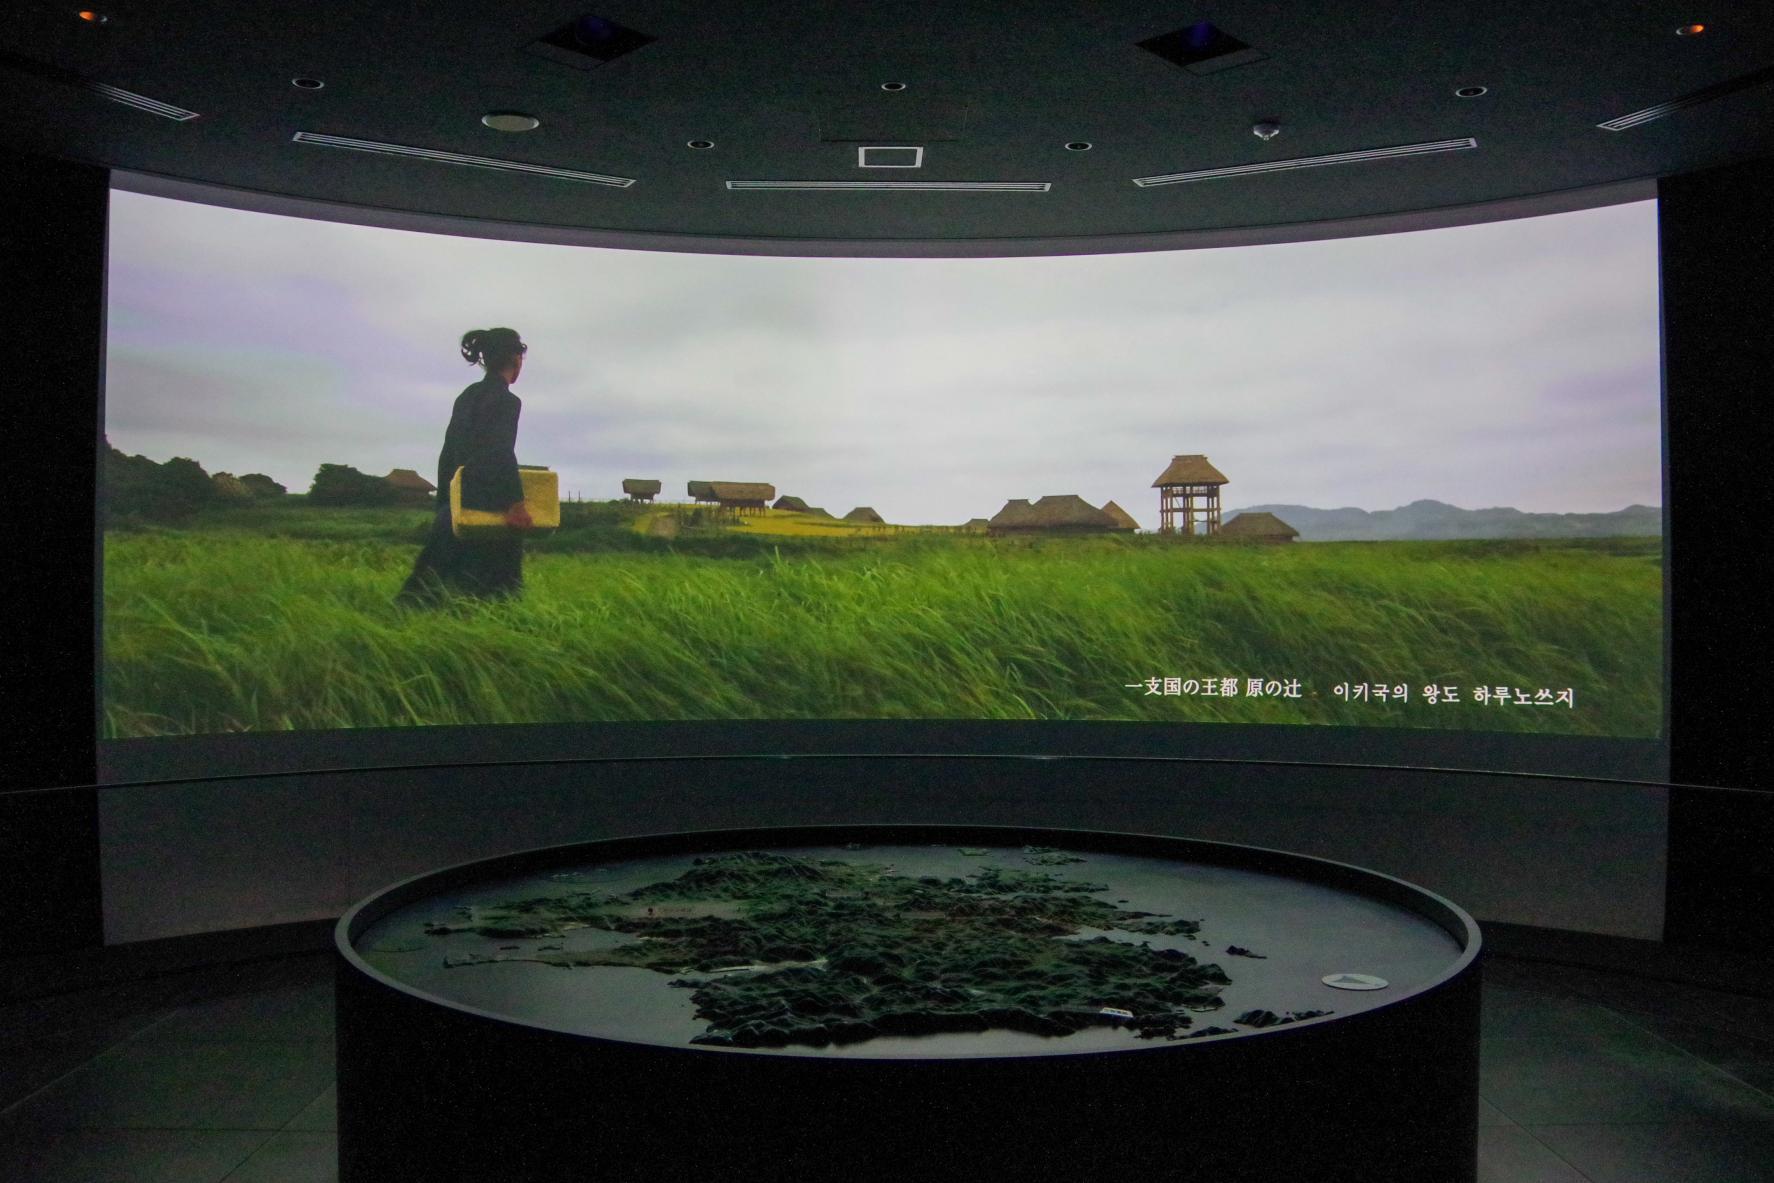 壱岐の歴史を楽しく学べる「一支国(いきこく)博物館」-2